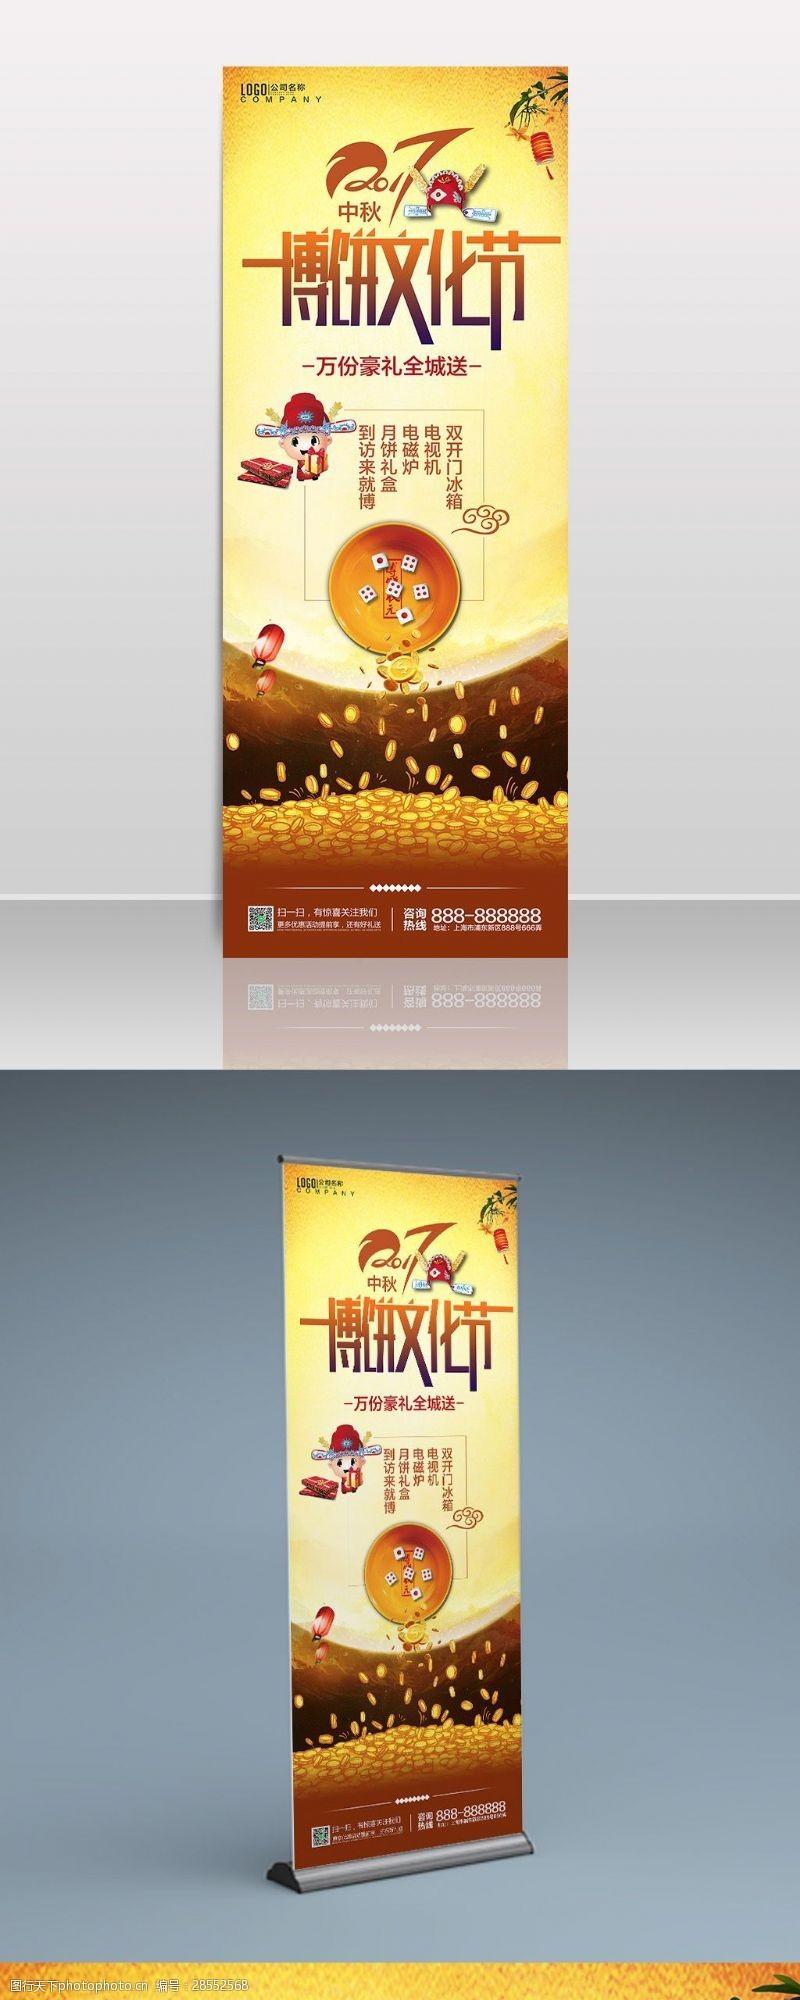 电视节金色中秋博饼文化节活动宣传海报